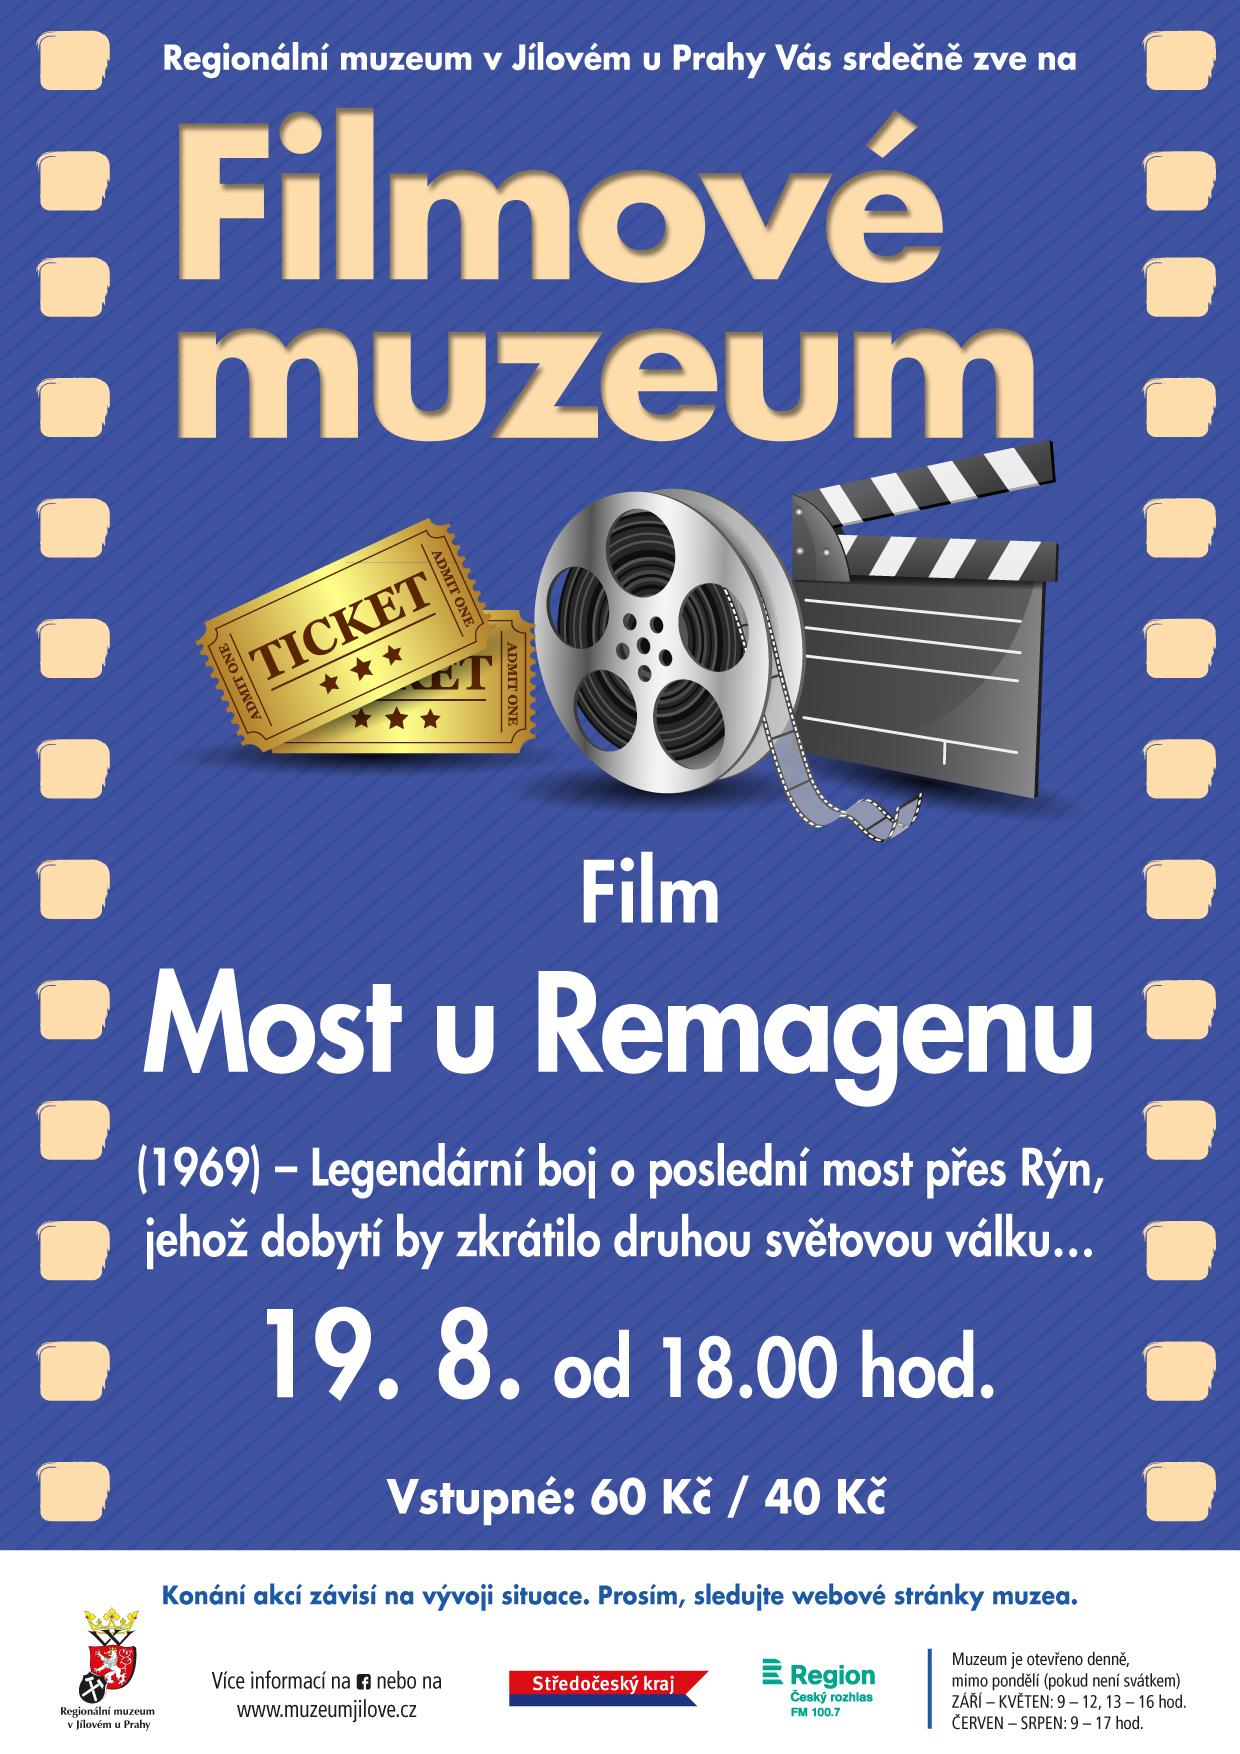 FilmMostuRemagenu